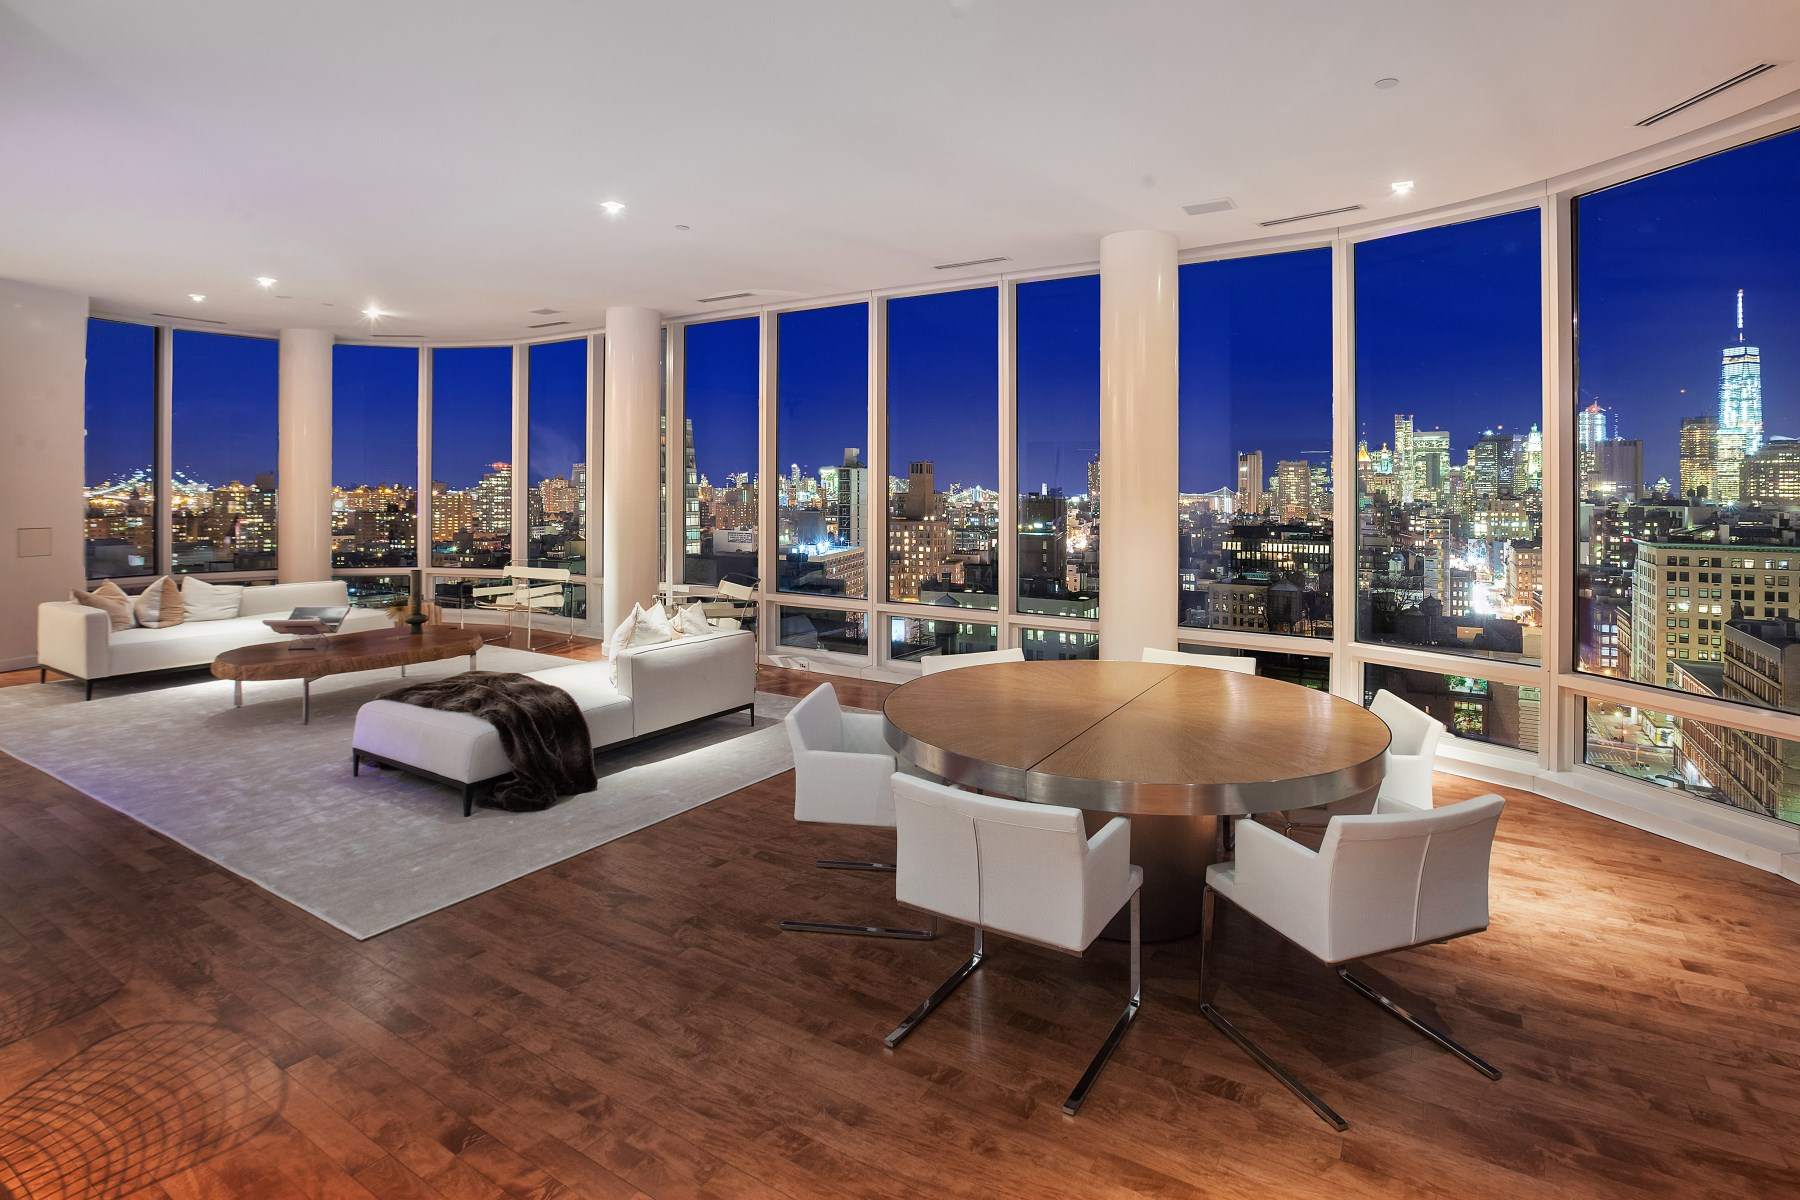 Nhà tập thể vì Bán tại NoHo Showstopper Penthouse 445 Lafayette St 17ph New York, New York 10003 Hoa Kỳ